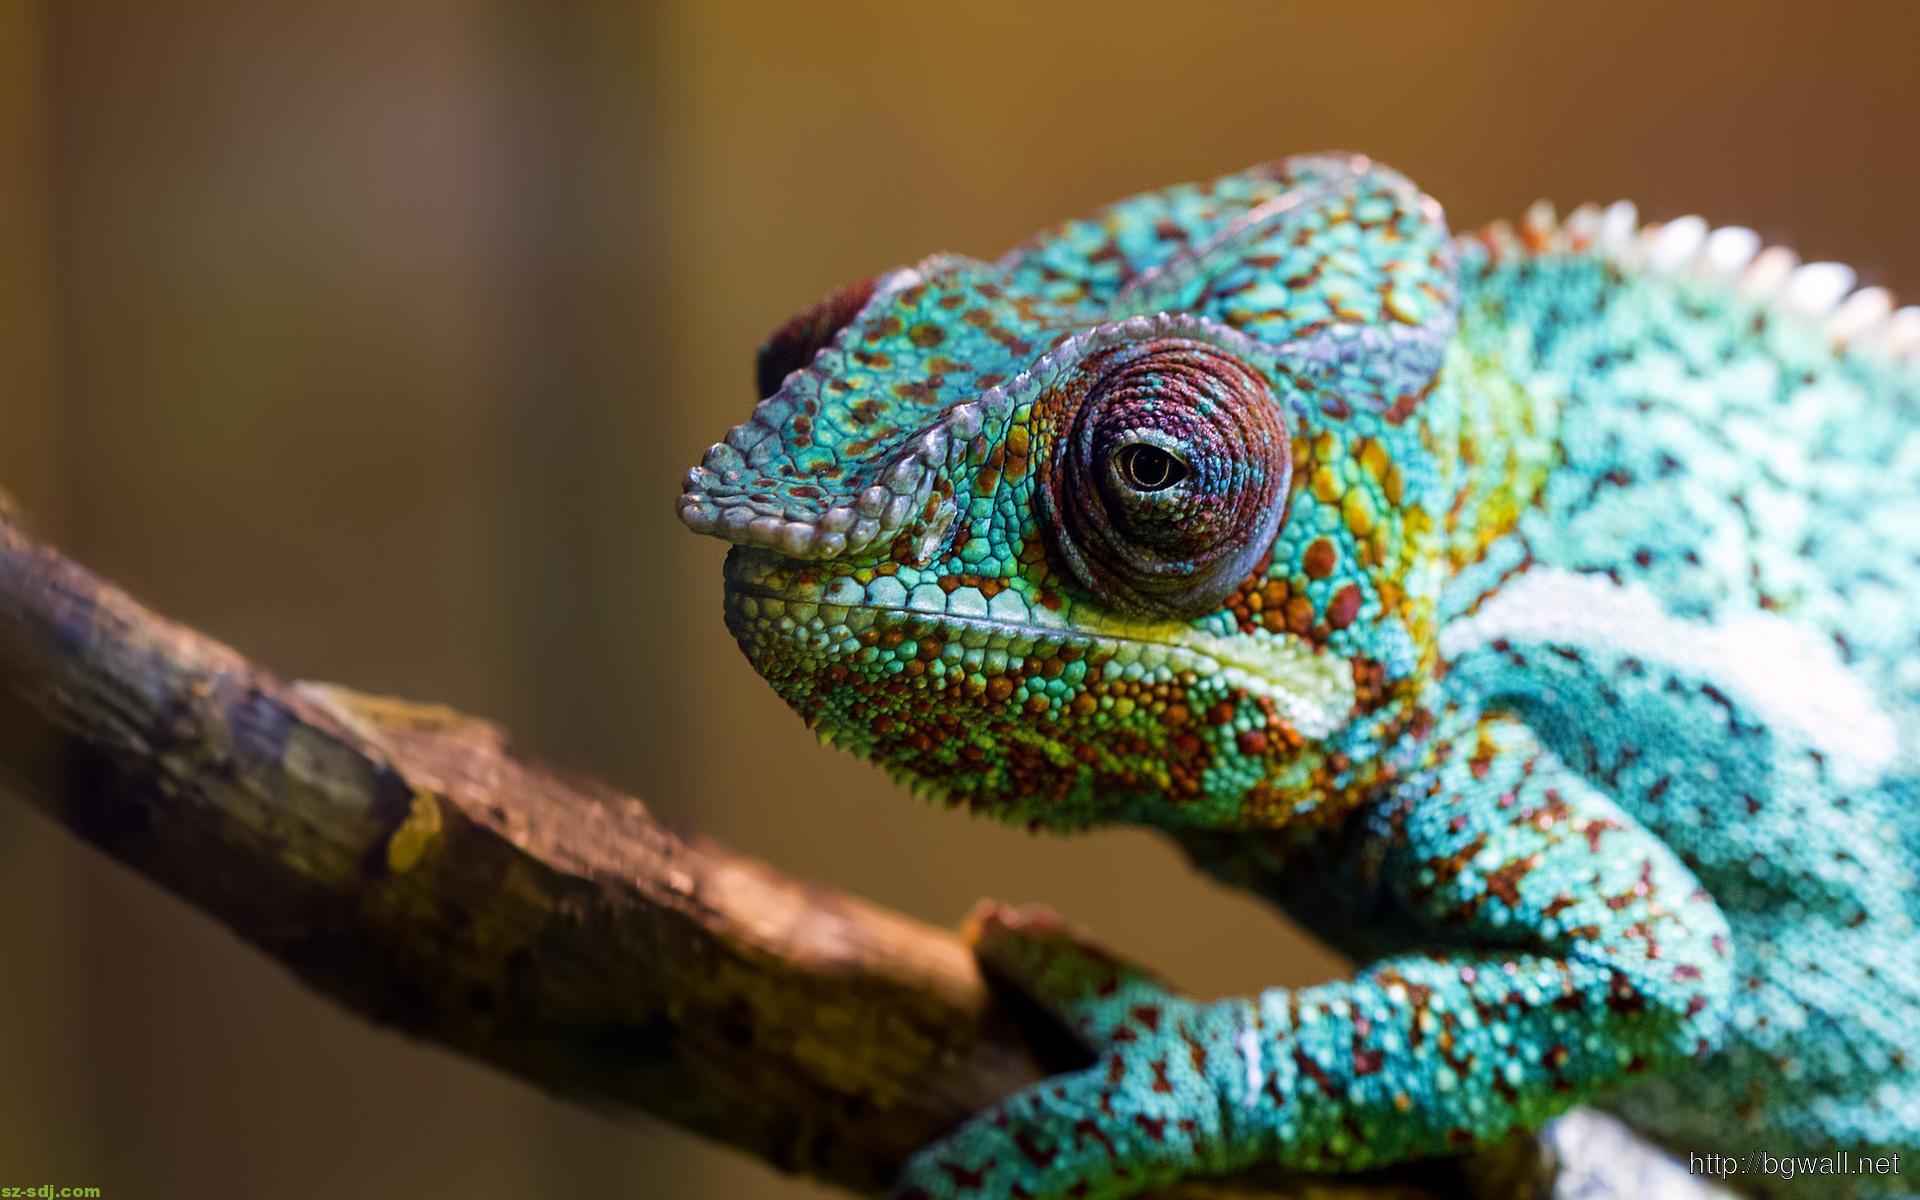 blue-chameleon-wallpaper-1080